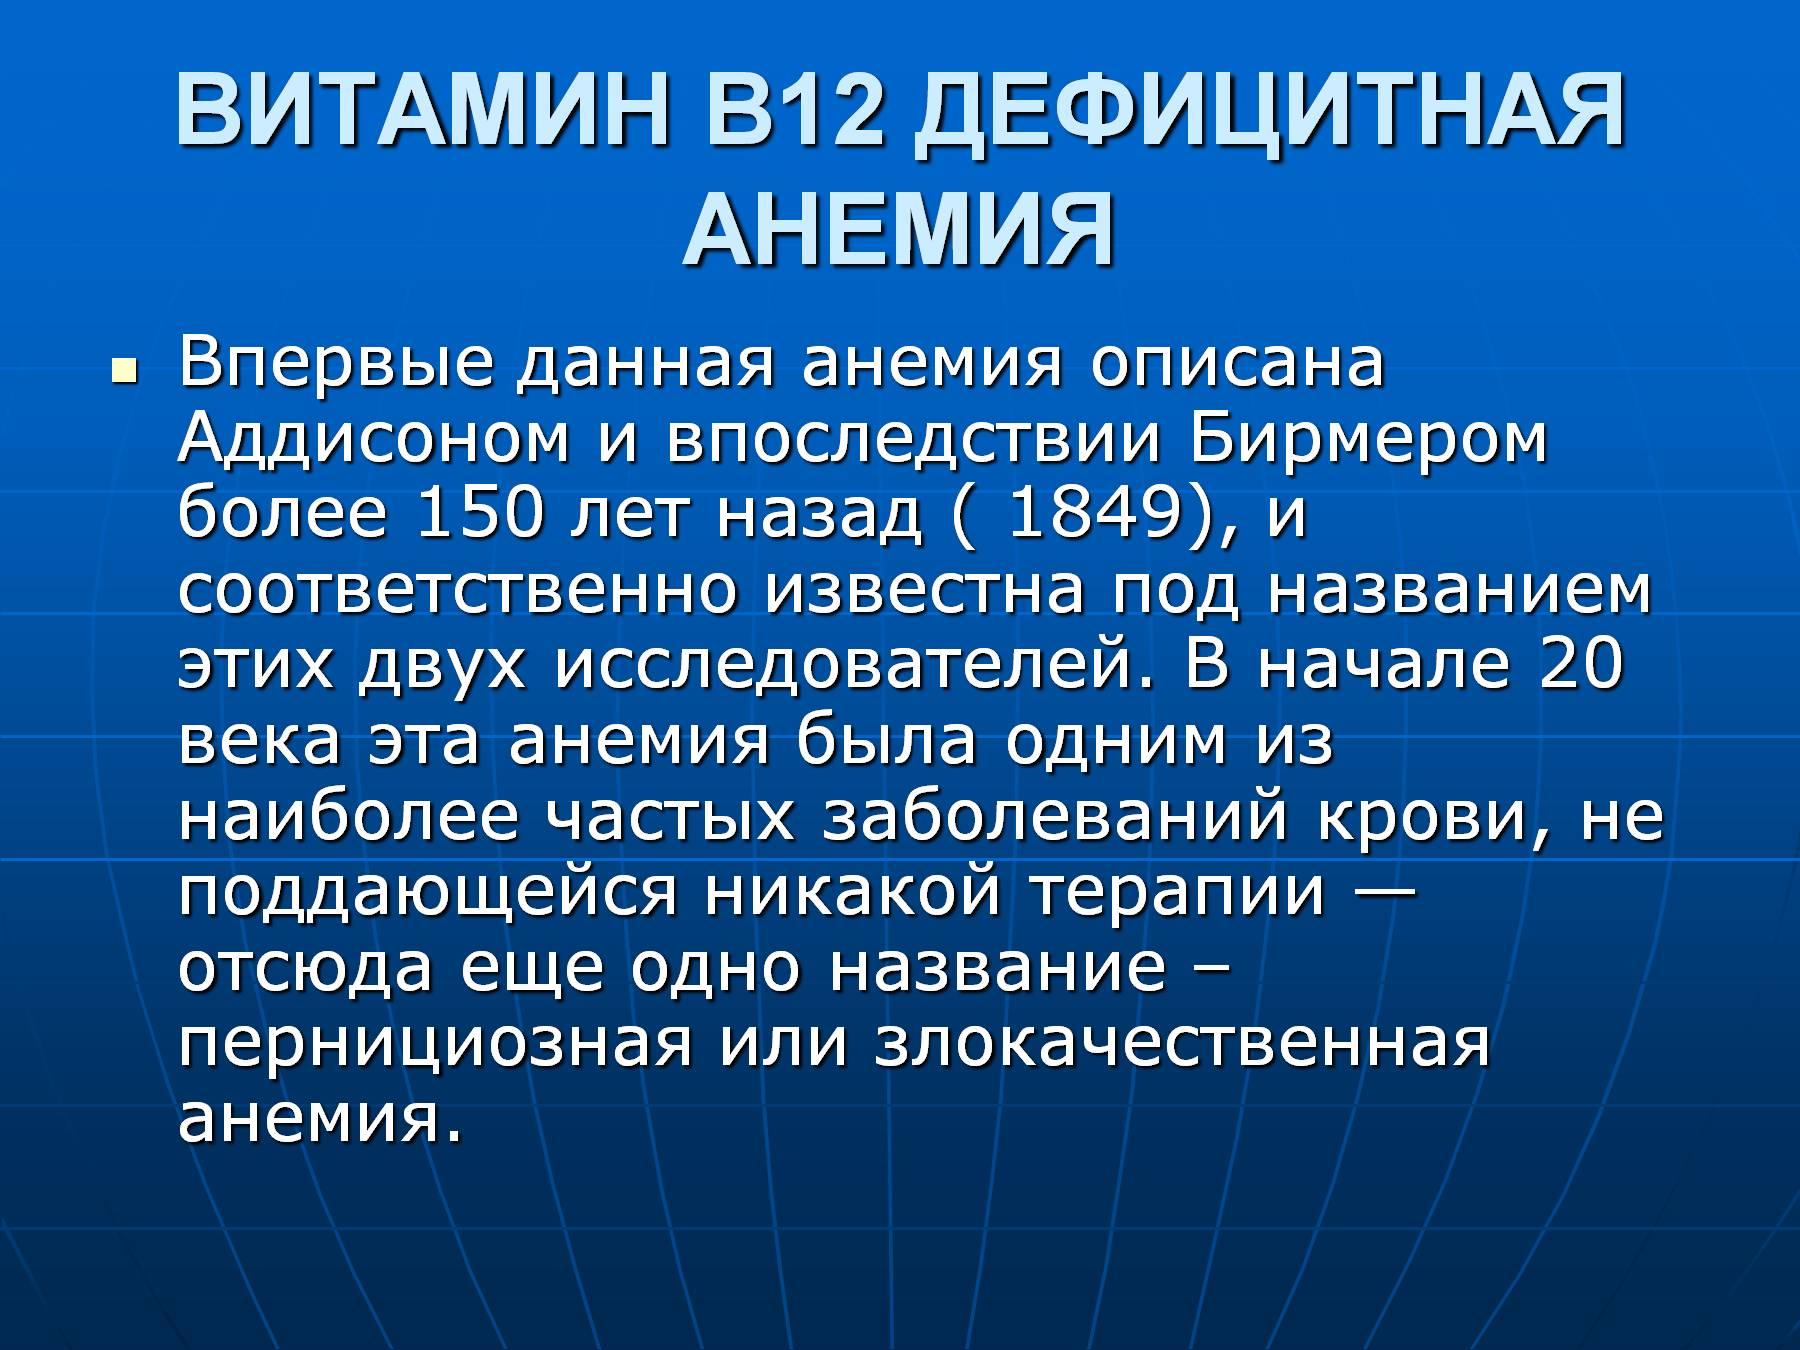 В12-дефицитная анемия.Симптомы и лечение.